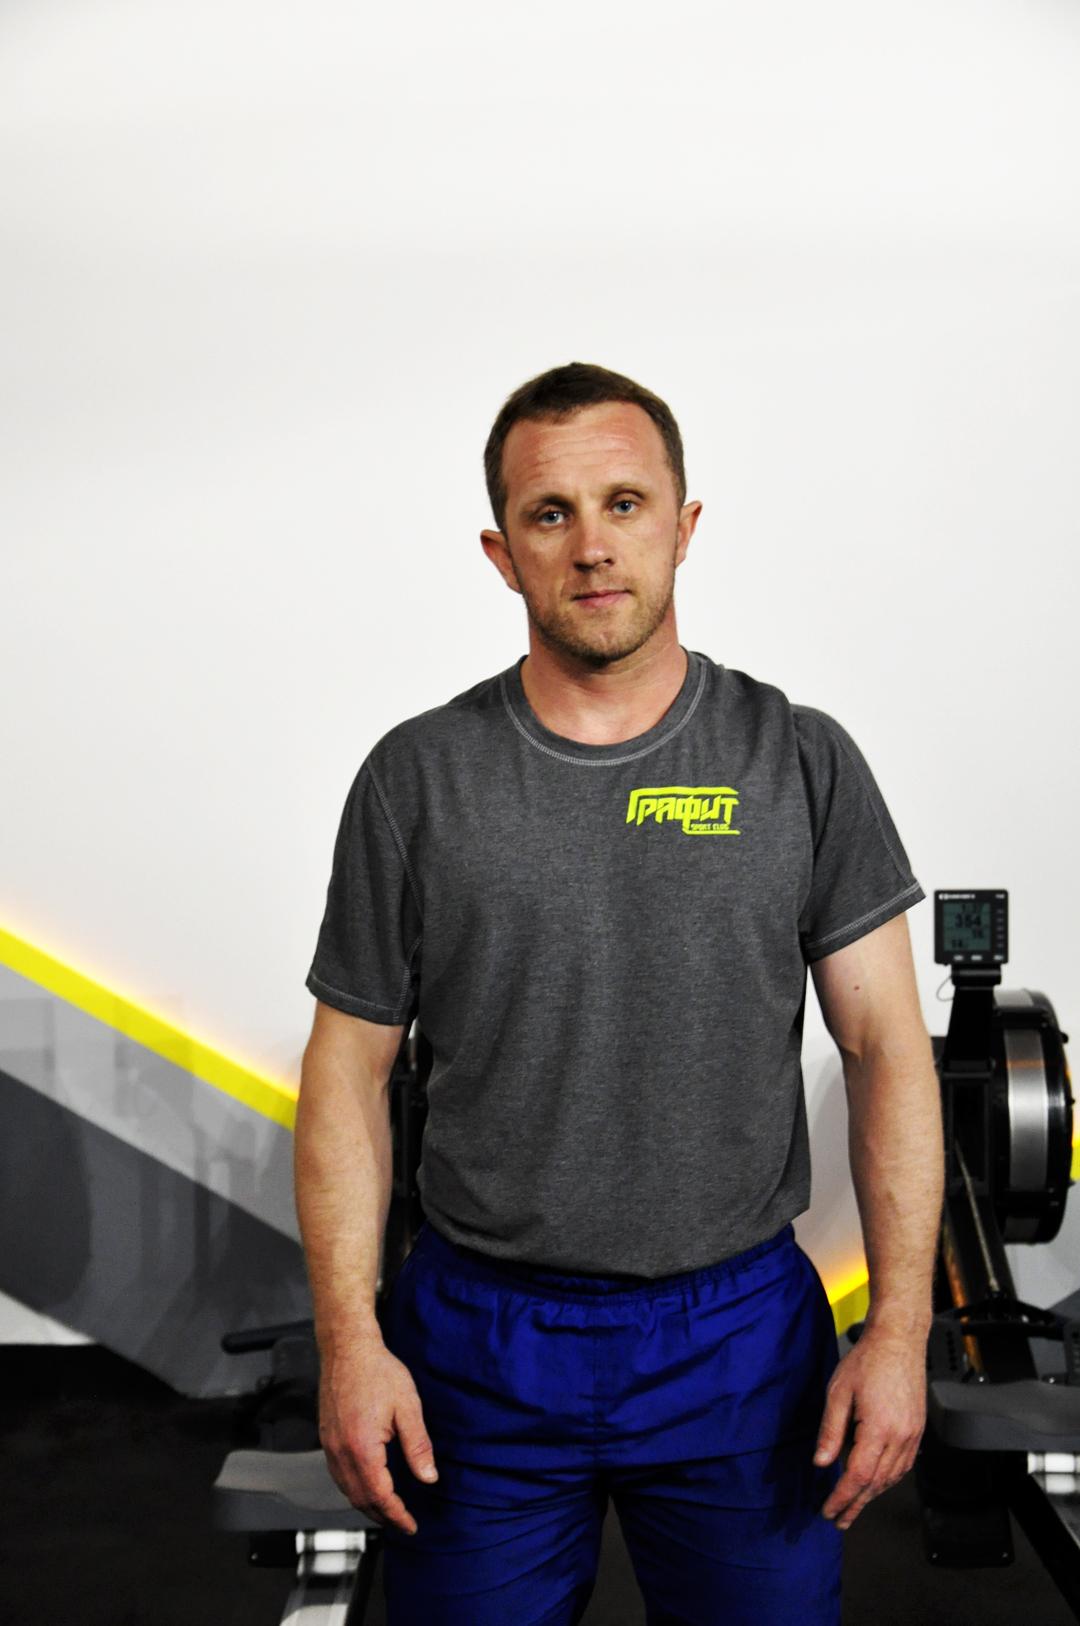 Шаров Денис – персональный тренер 3 категории, Crossfit – тренер, Crossfit Kids – тренер